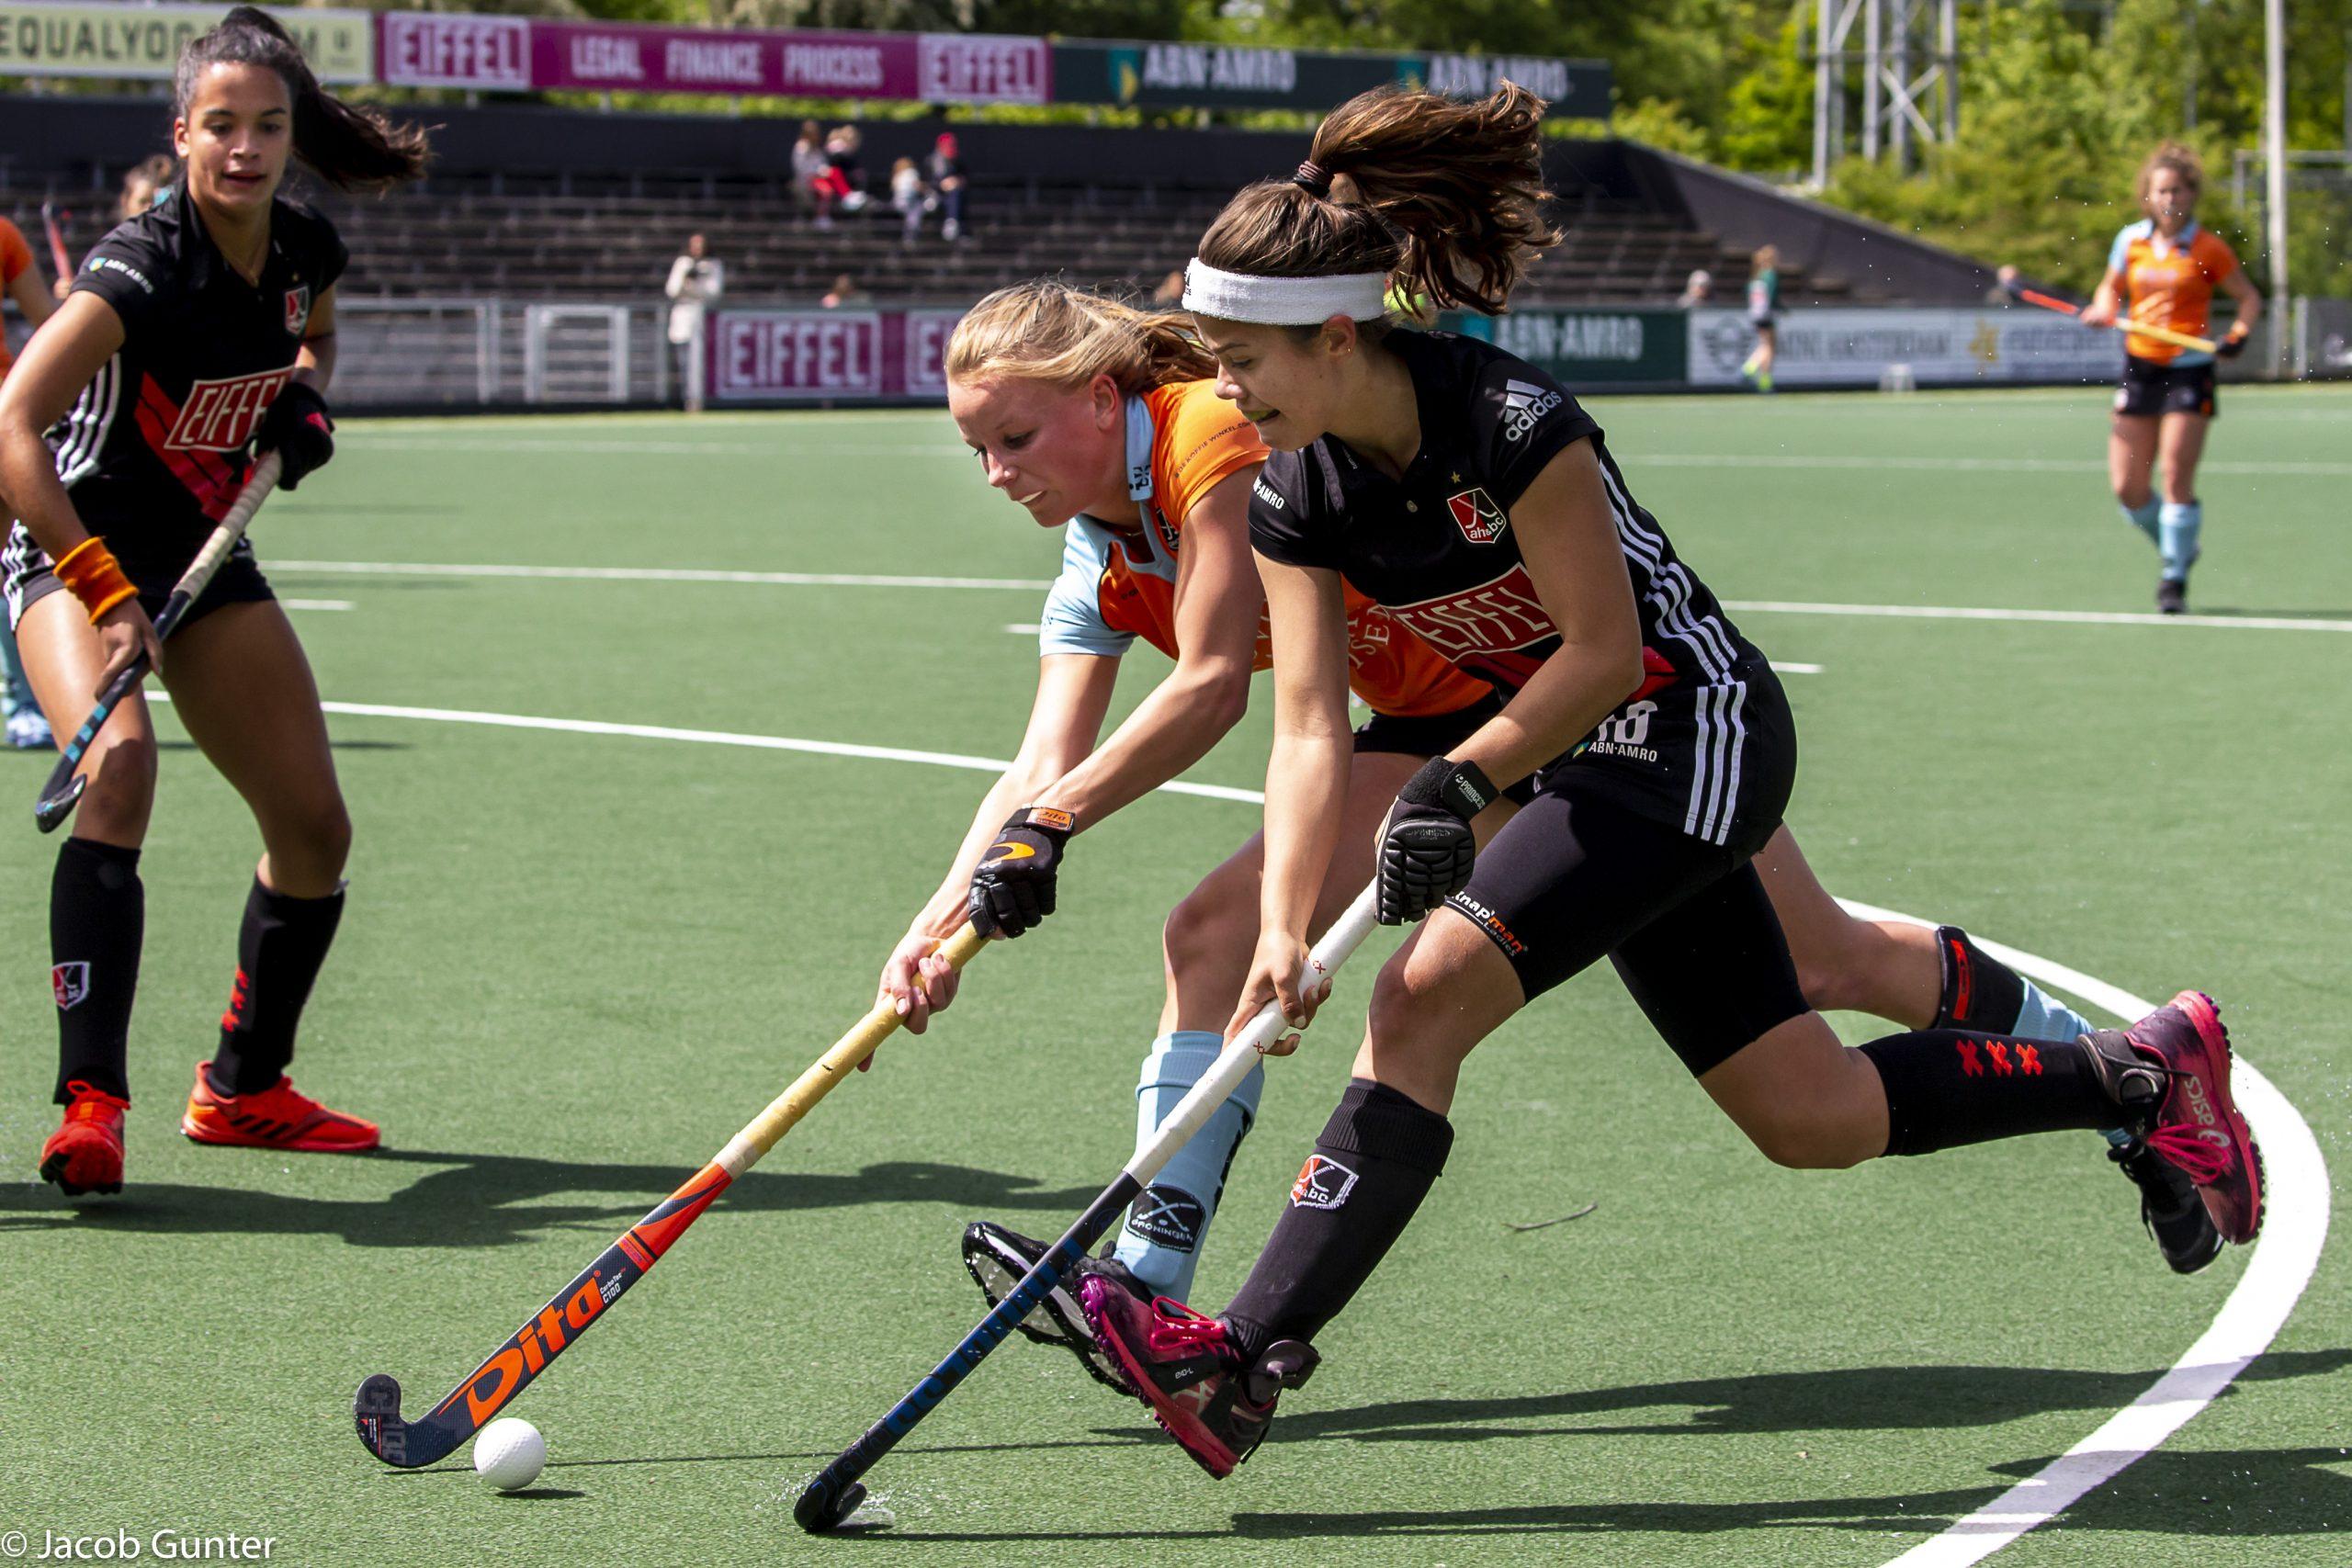 Round-up Livera HK (D): Einde oefening Groningen, Den Bosch eindigt bovenaan